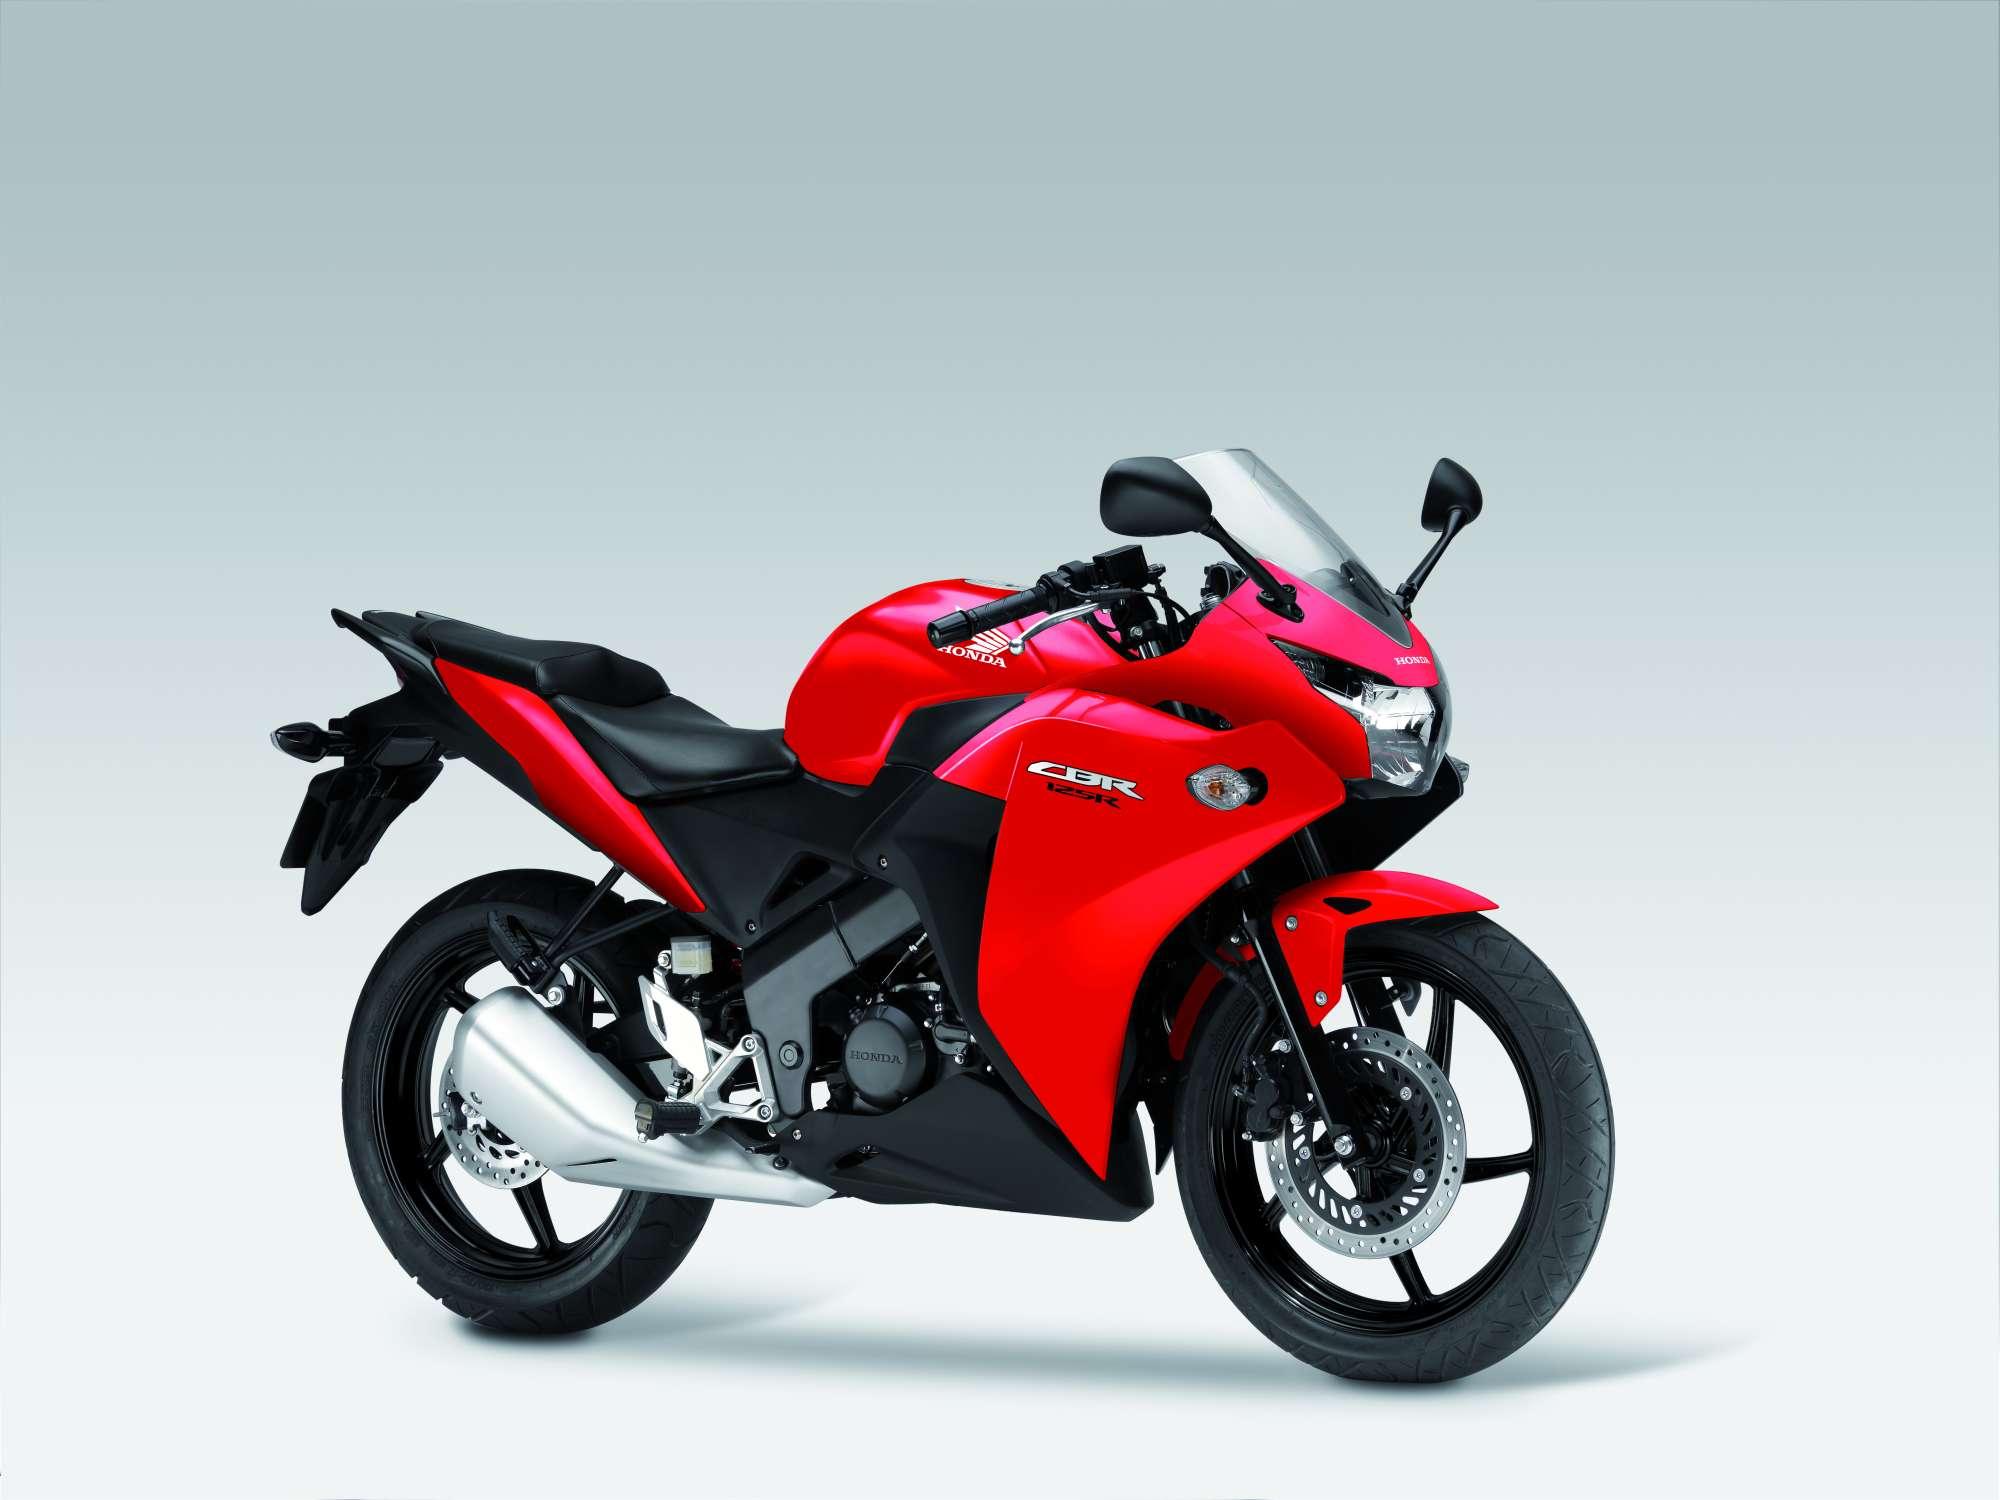 Honda Cbr Vs Kawasaki Ninja Rr